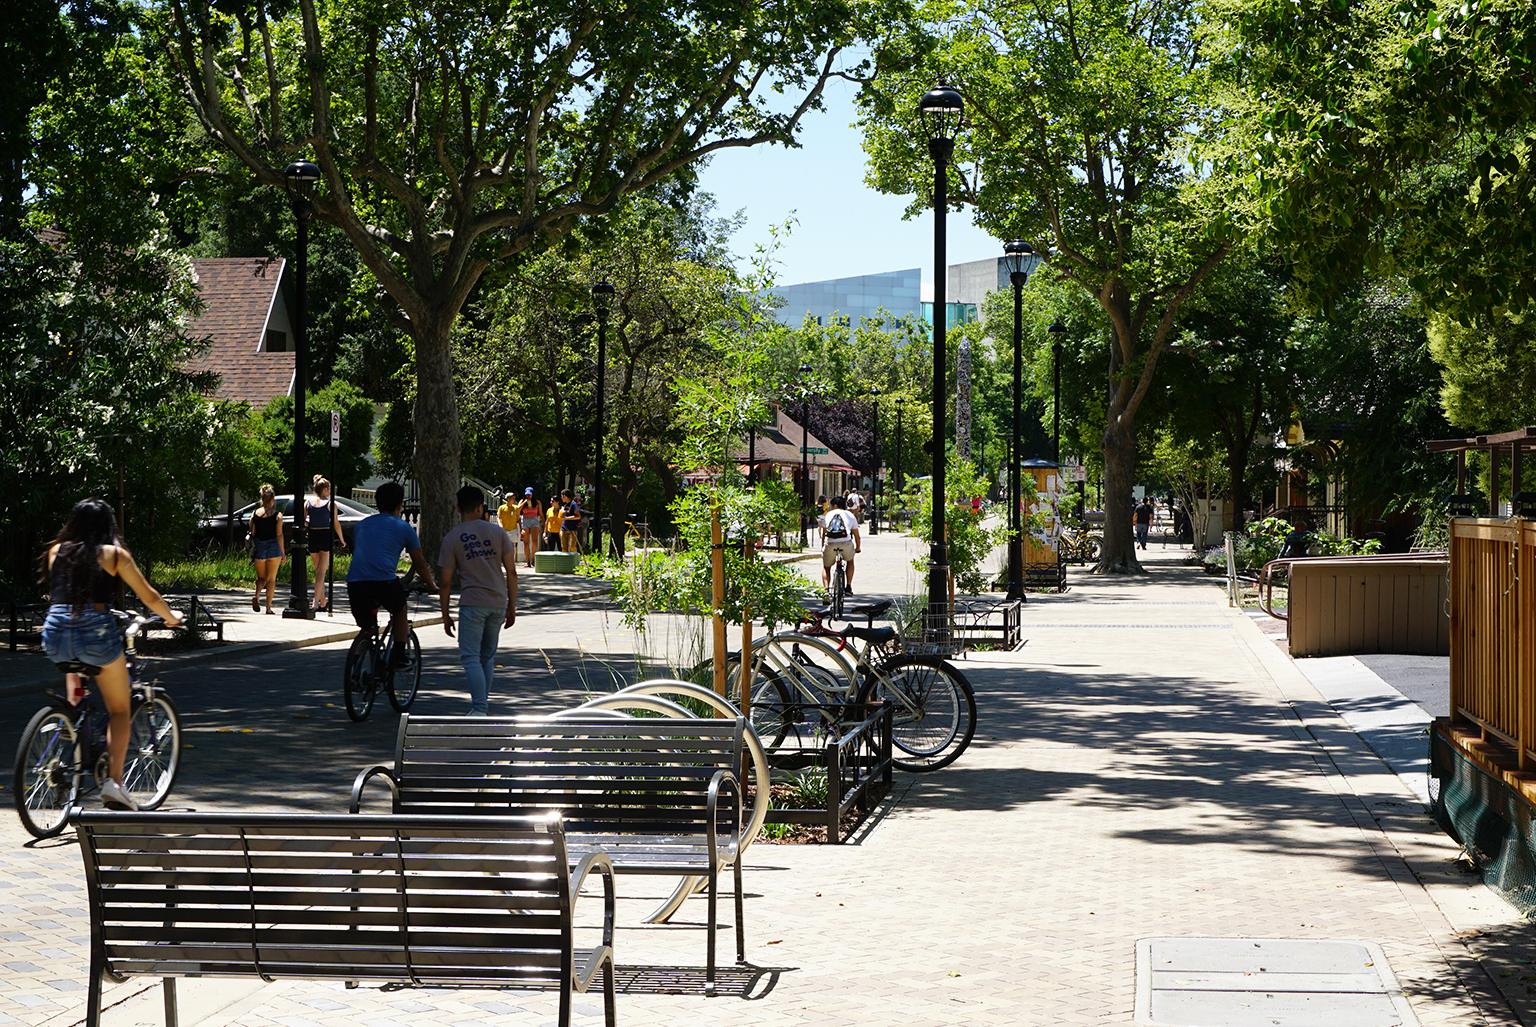 Davis Third Street Improvements and UC Gateway